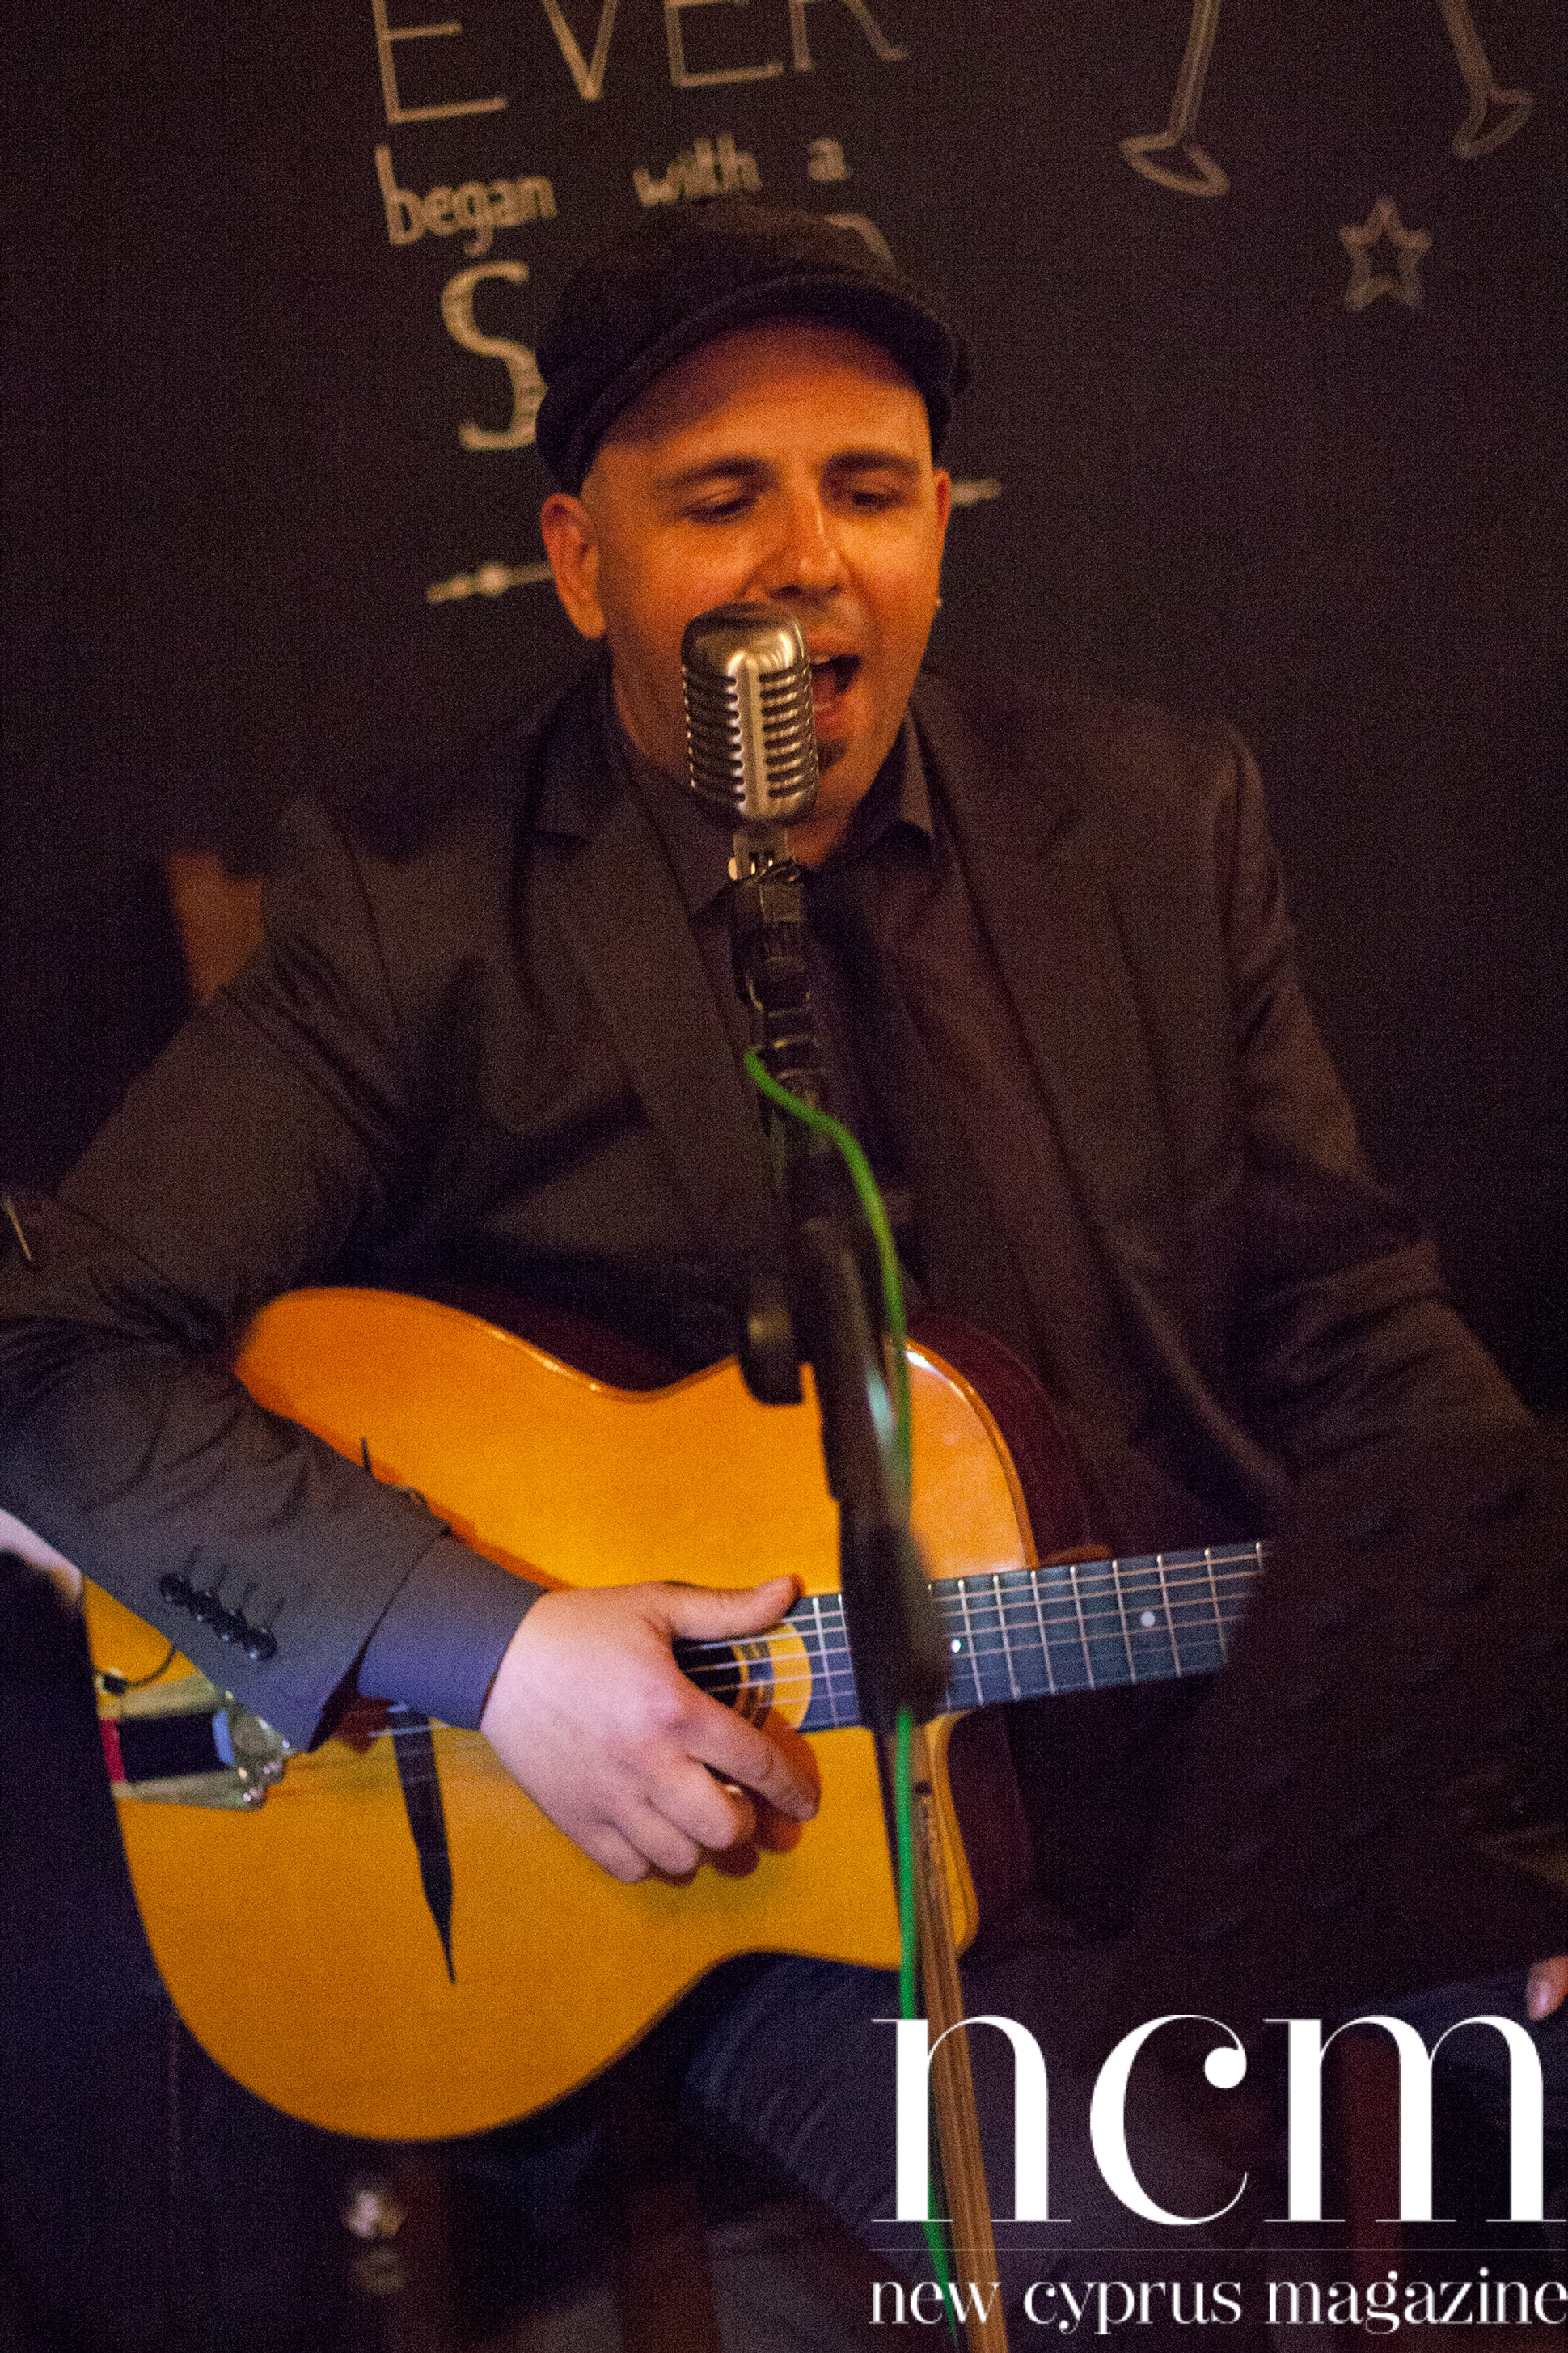 Jazz tones Blakes Lounge singer